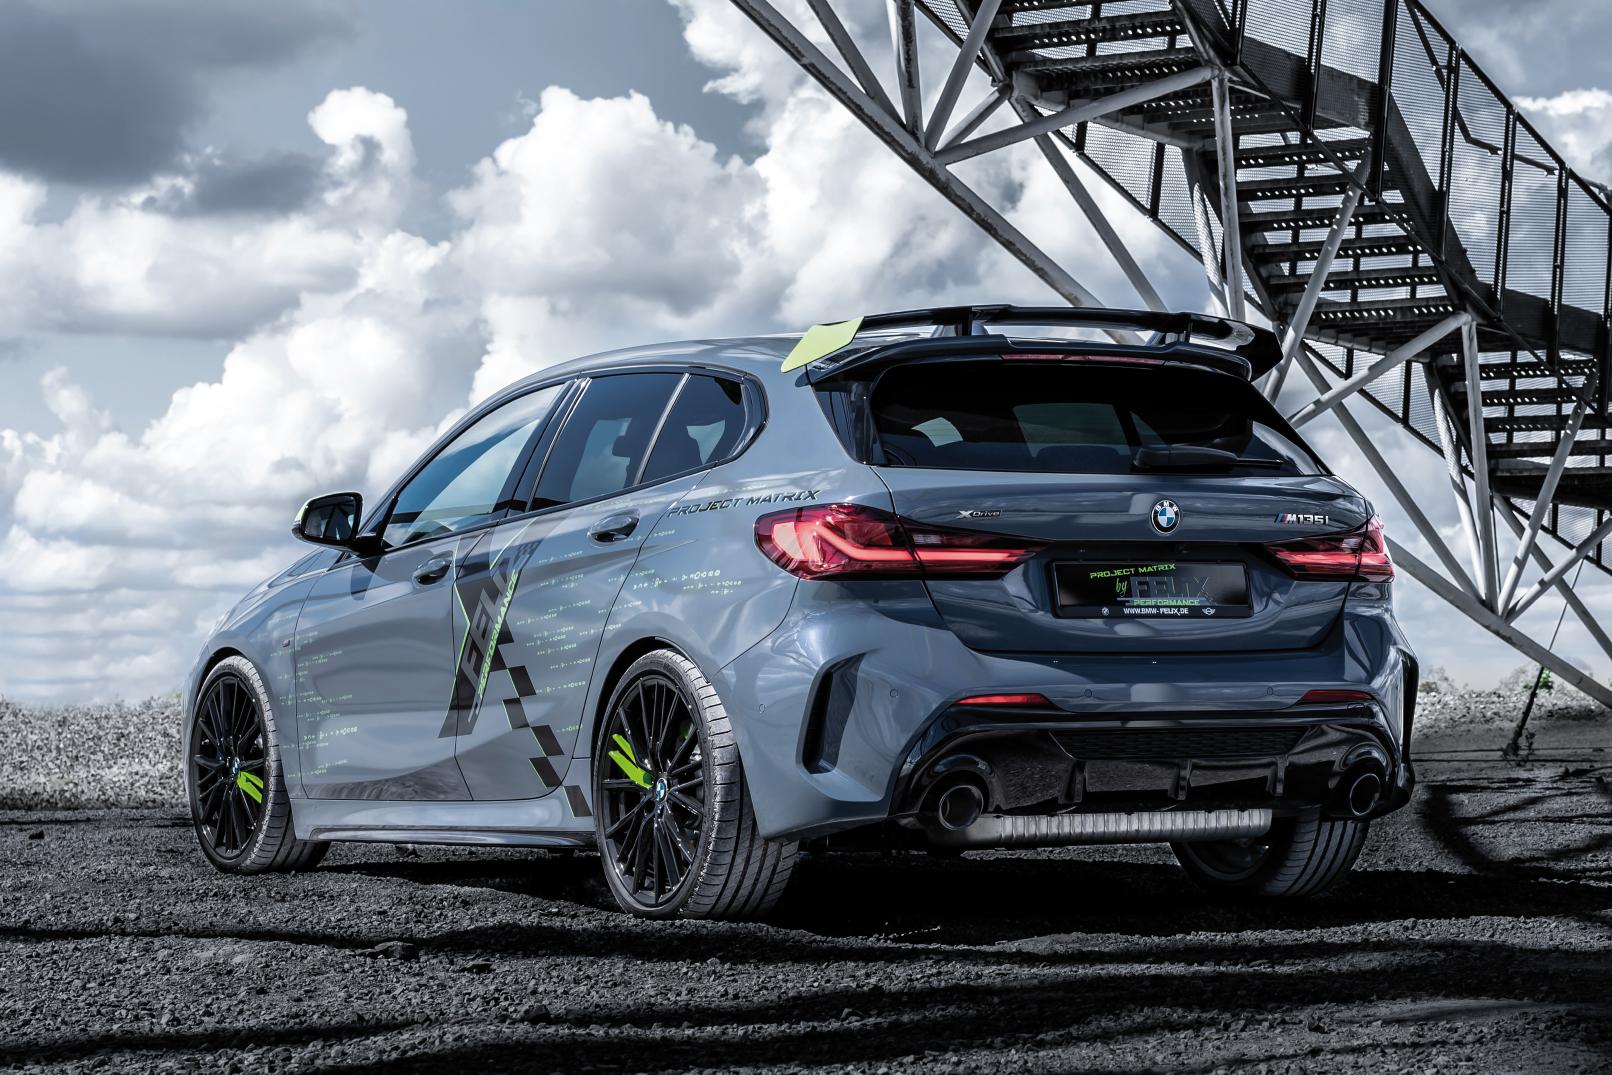 Felix Performance BMW 1er Matrix @dschmdt